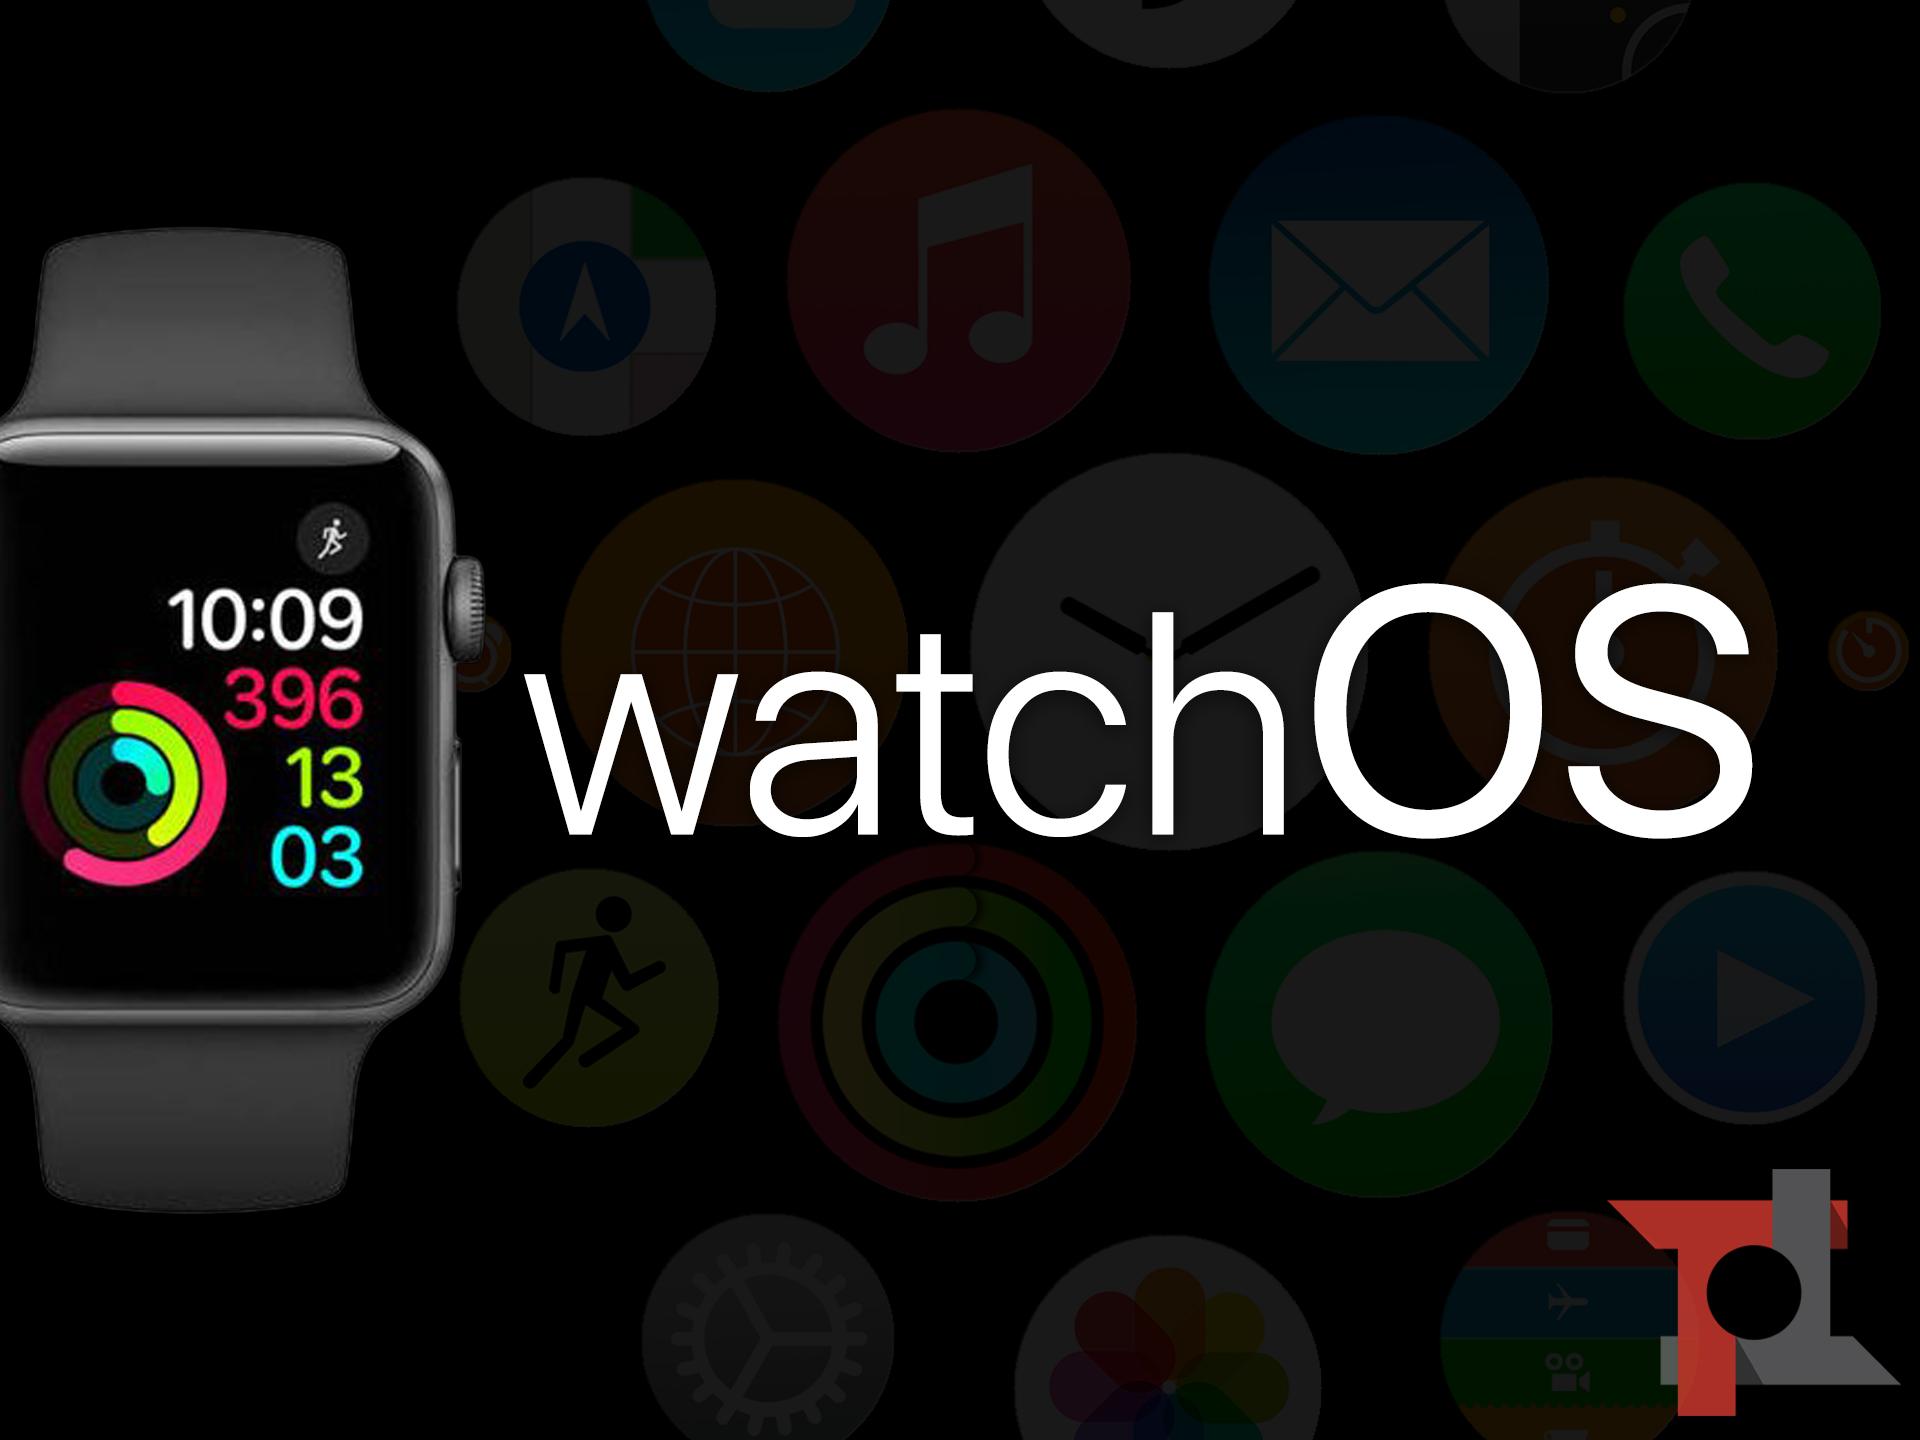 iOS 13, watchOS 6, tvOS 13 e macOS 10.15 Catalina: ecco quando verranno rilasciati ufficialmente 2